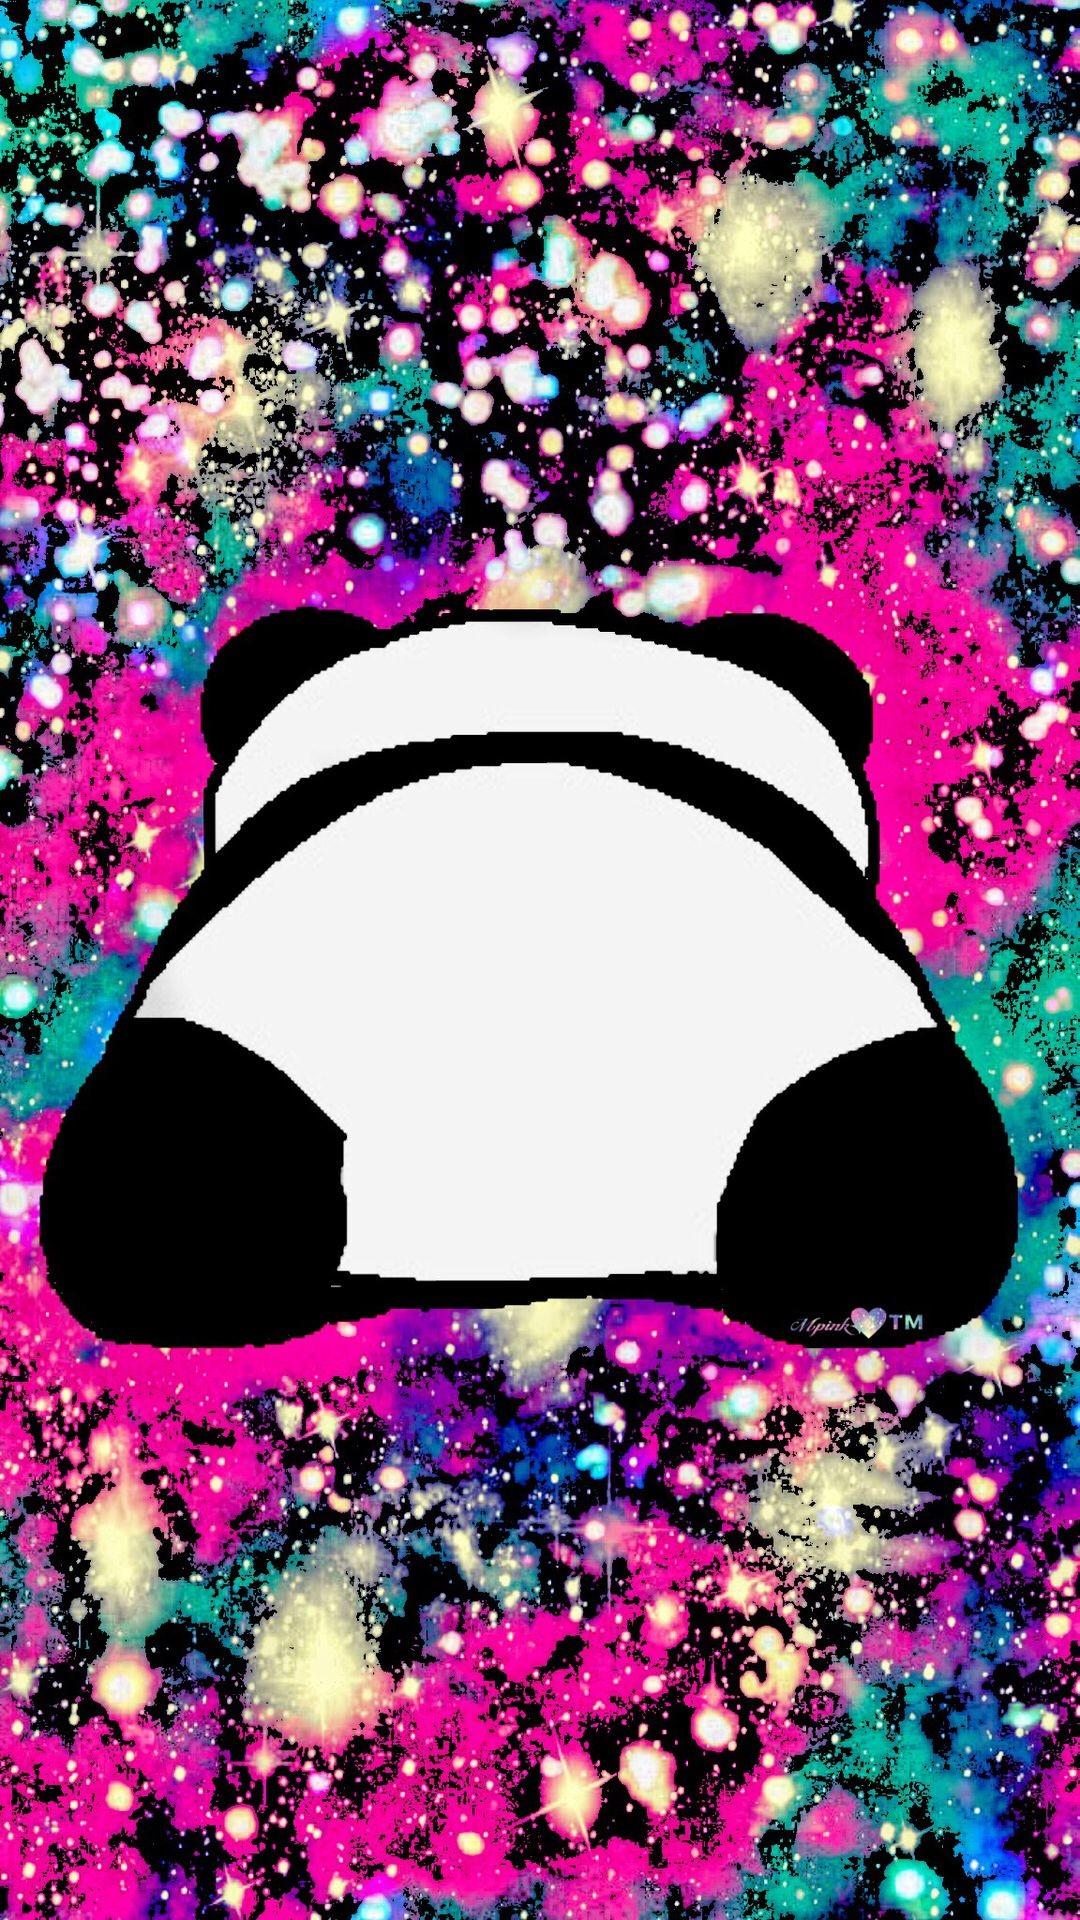 1080x1920, Cute Panda Galaxy Wallpaper - Galaxy Panda Wallpaper Cute - HD Wallpaper